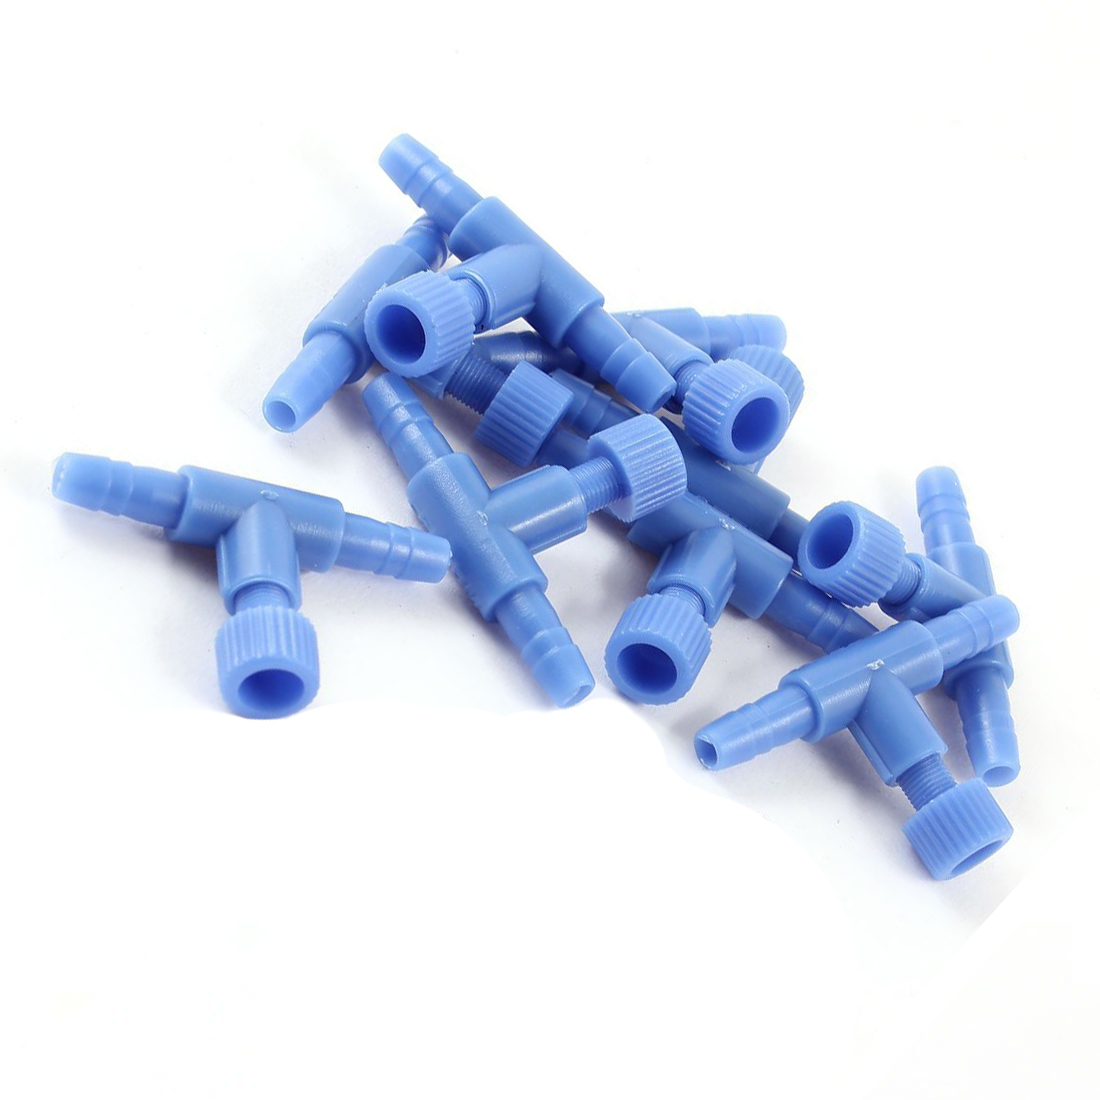 Ventil Blau Dauerhafter Service Schneidig 10 Stücke Kunststoff Aquarium 2 Way Luftpumpe Regelventile